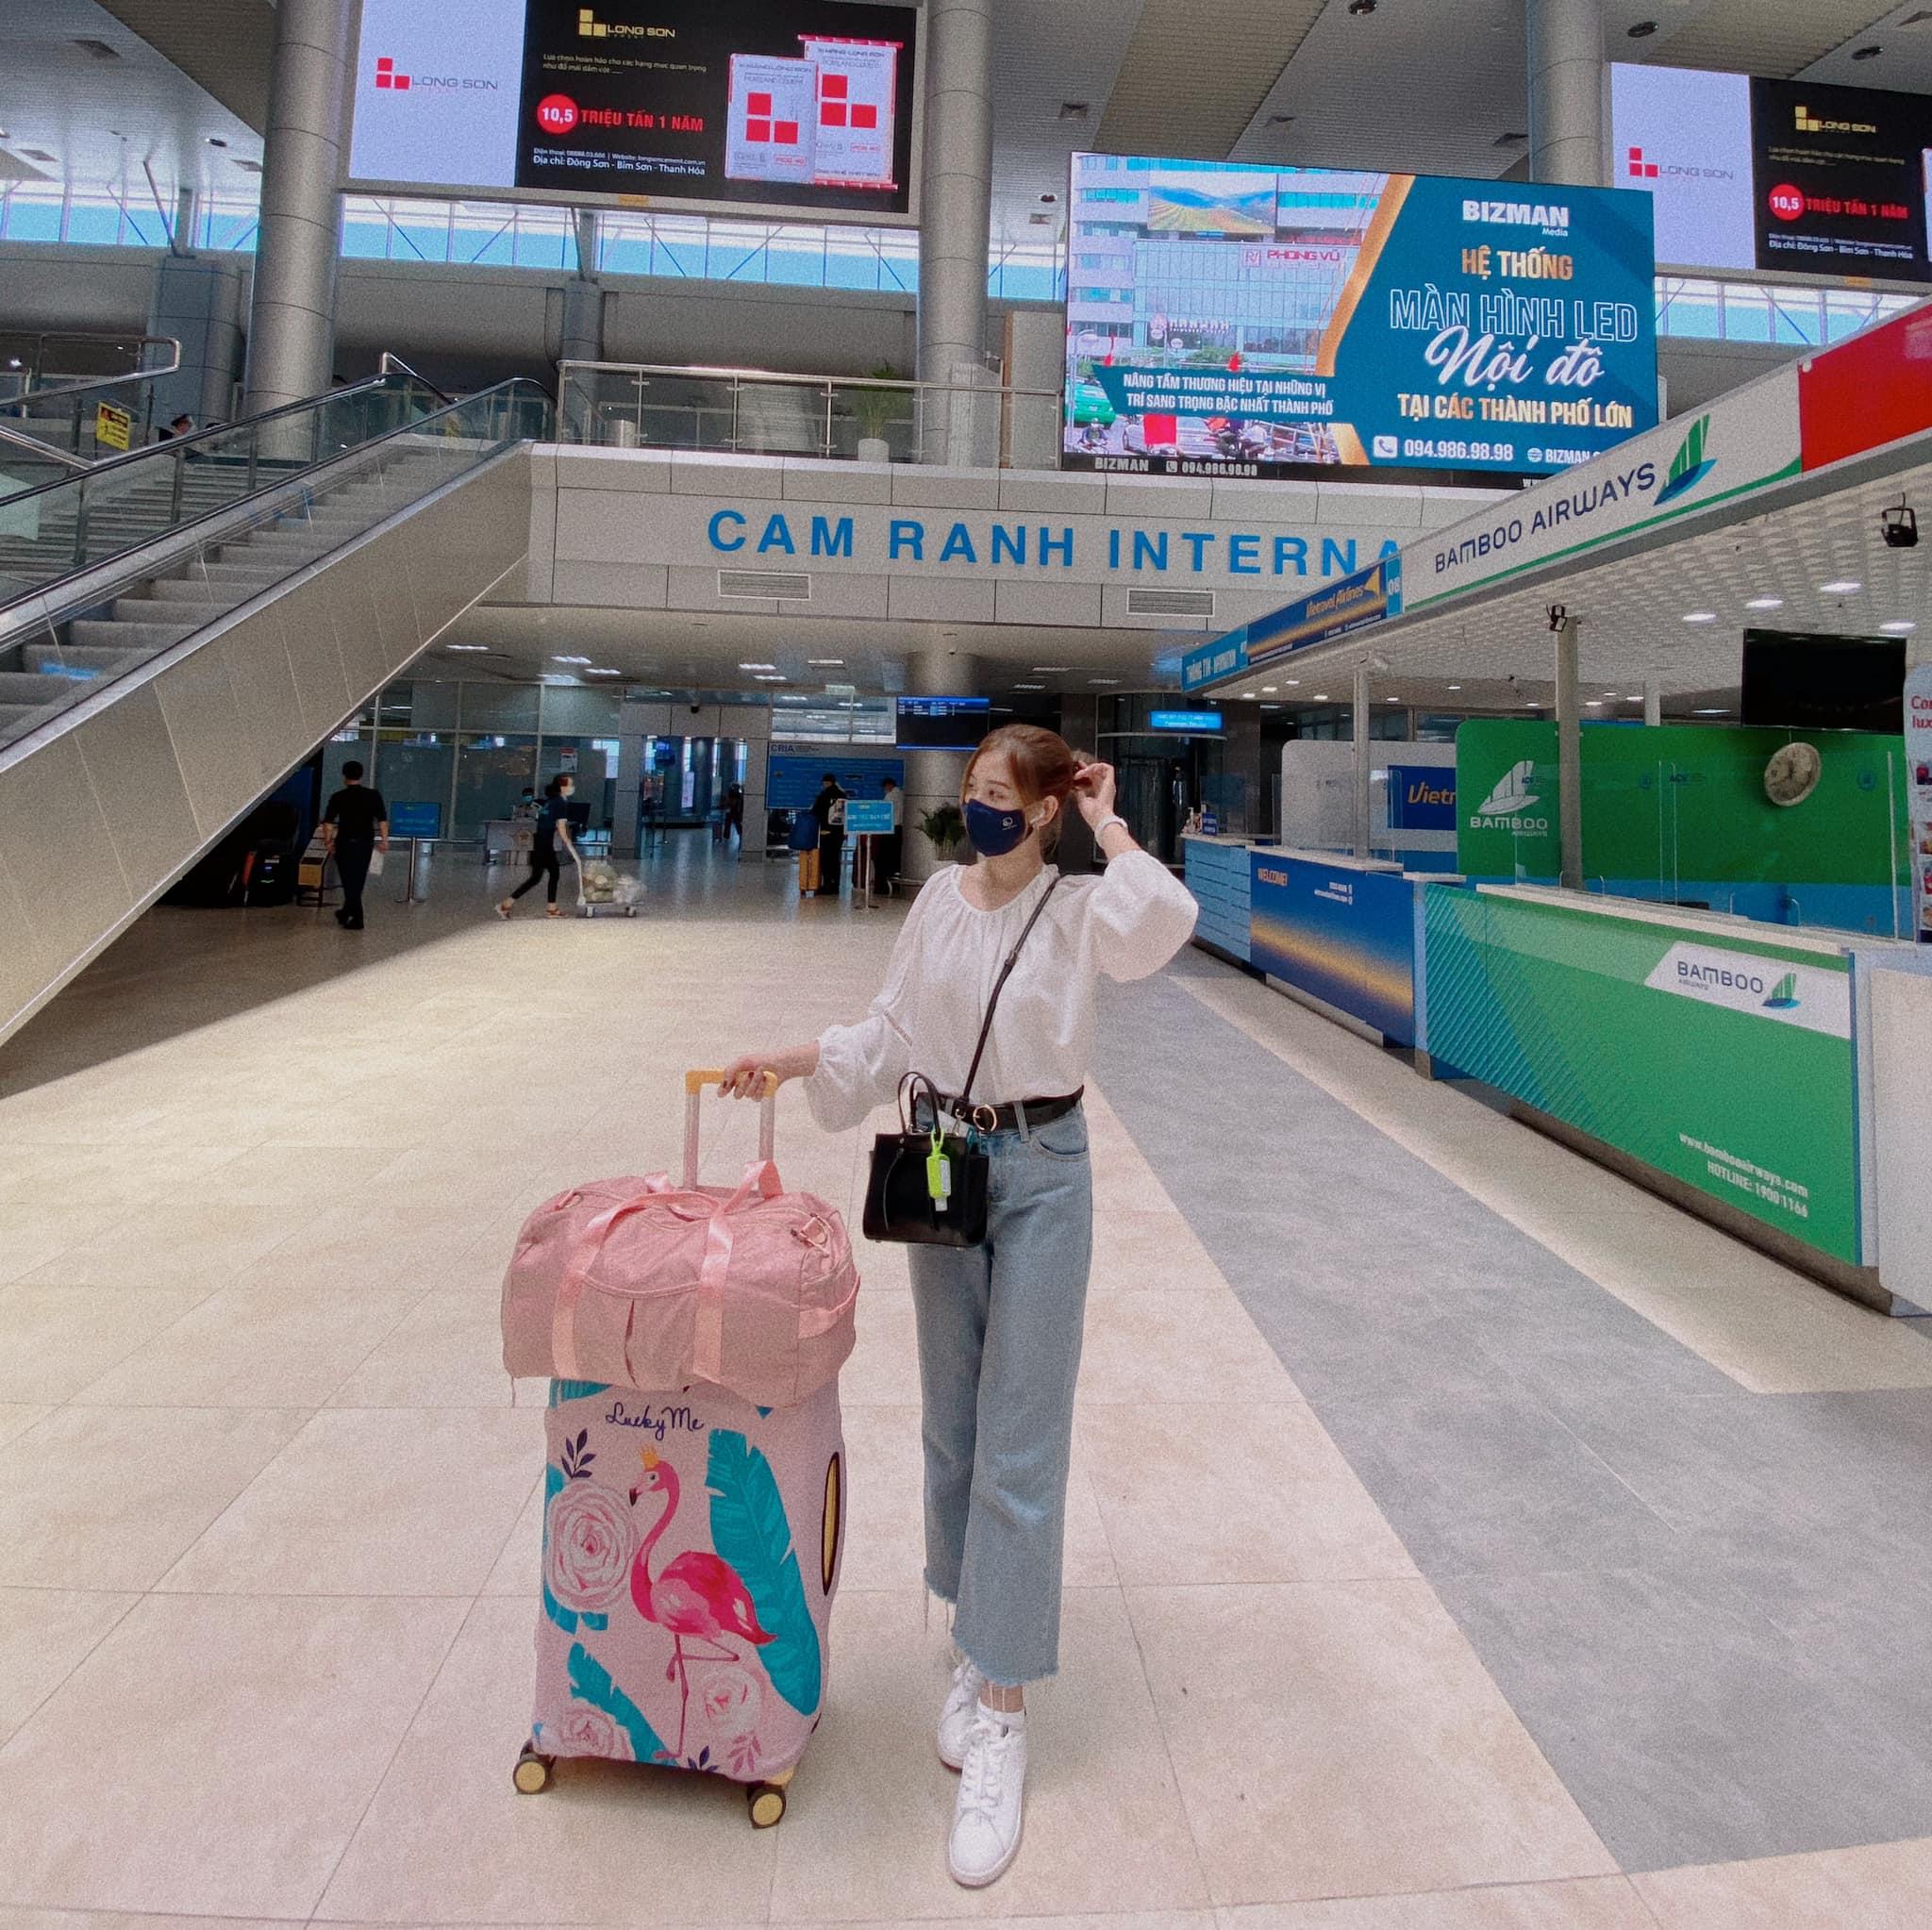 du lịch Ninh Thuận 5 ngày 4 đêm